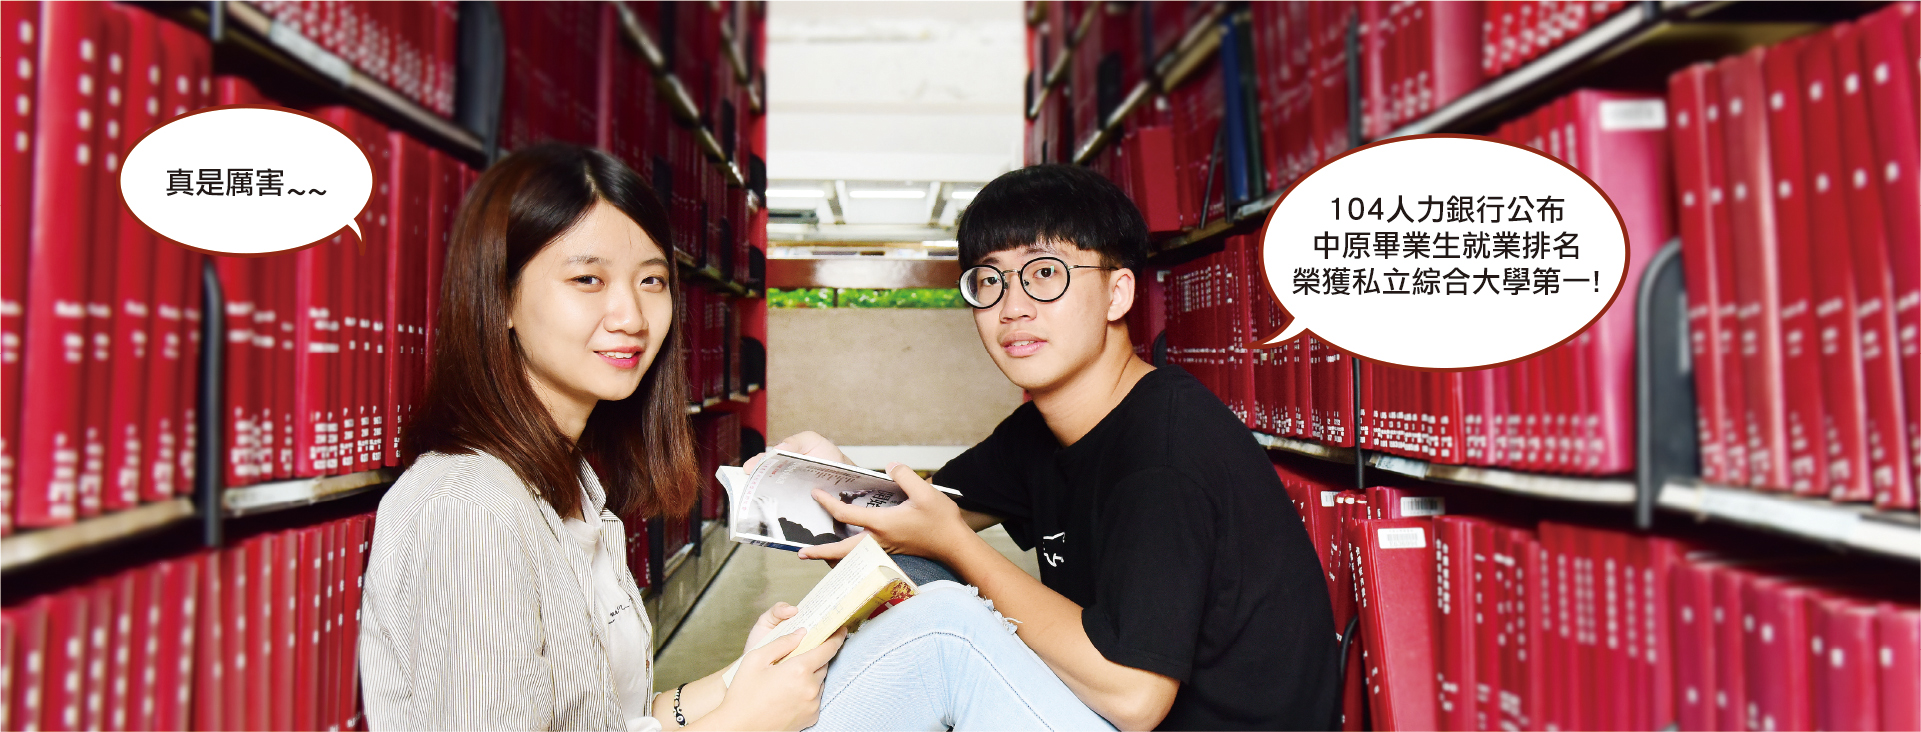 104人力銀行畢業生就業排名私立綜合大學第一